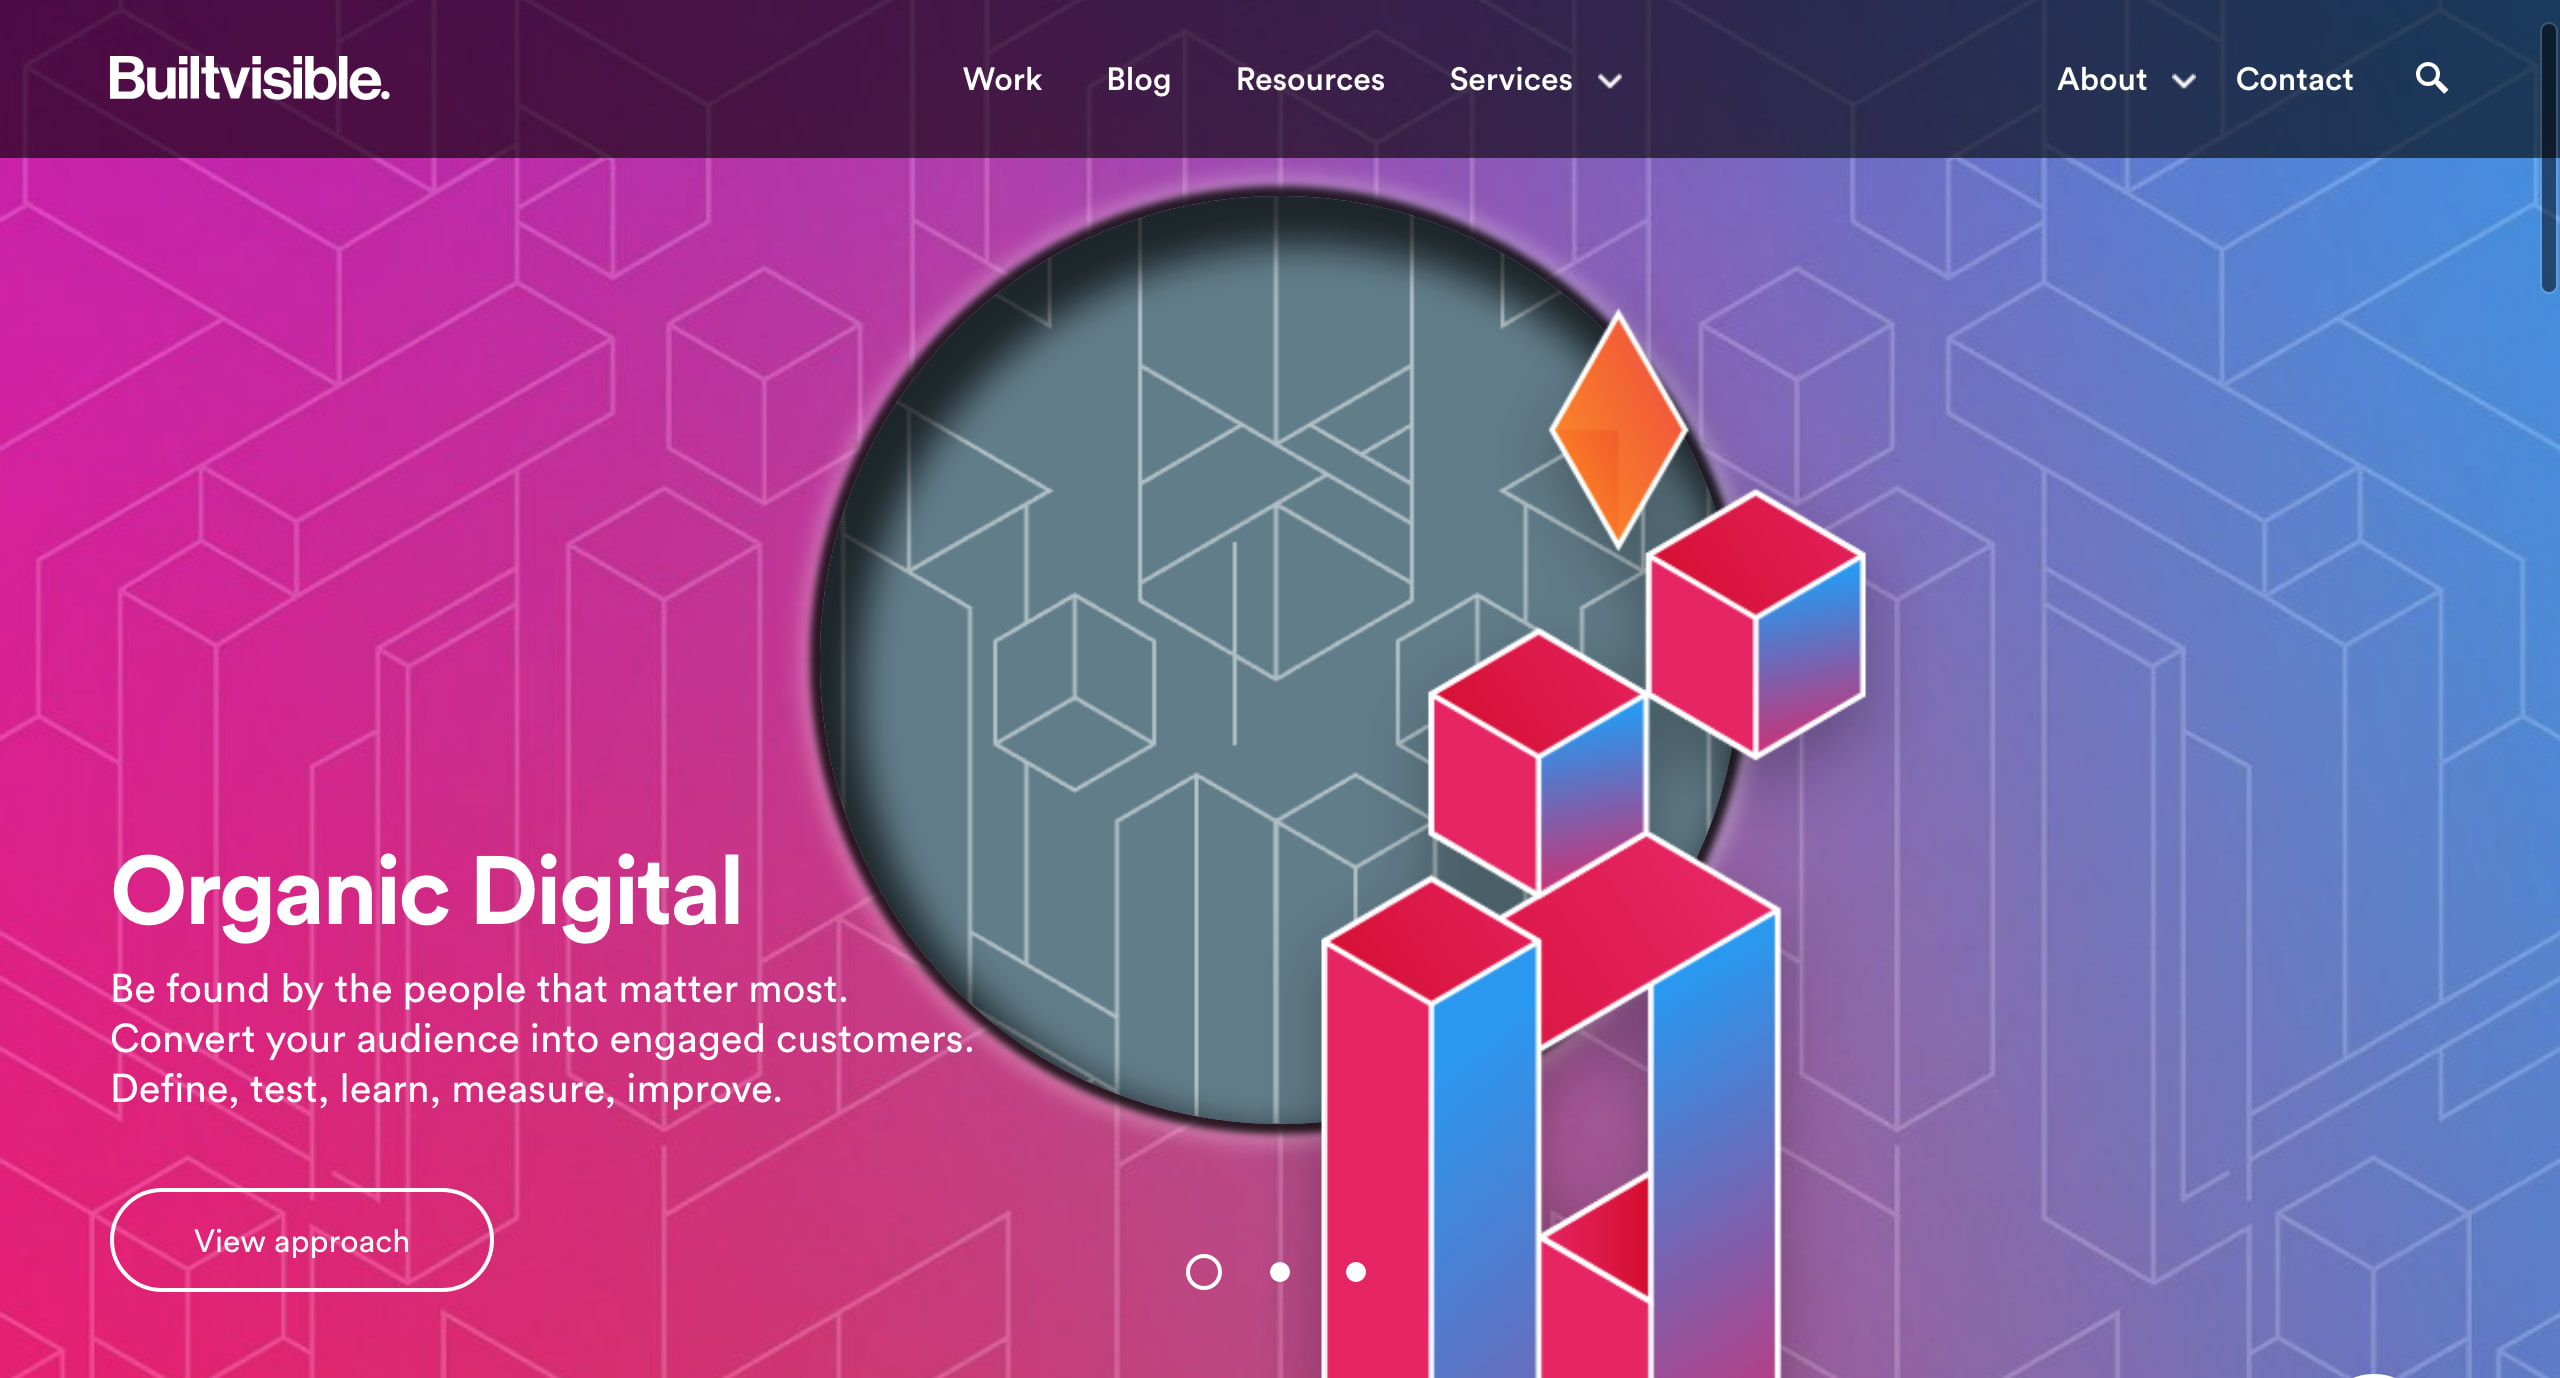 25 Best SEO & Digital Marketing Agencies in 2021